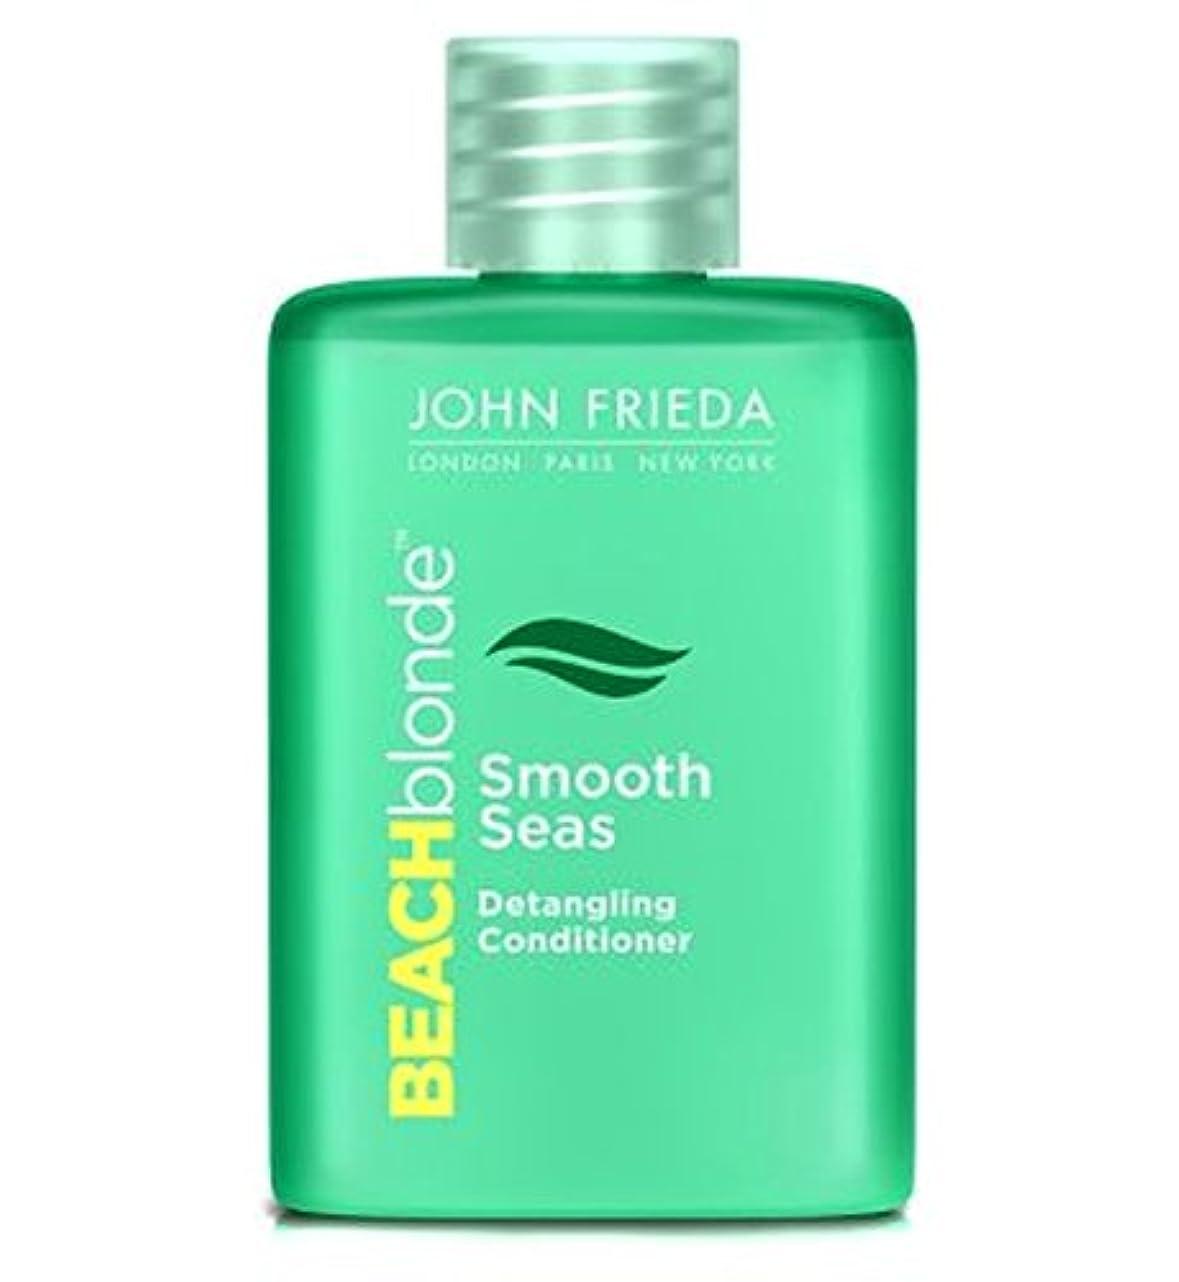 底慰め歯John Frieda? Beach Blonde Smooth Seas Detangling Conditioner 50ml - コンディショナー50ミリリットルをもつれ解除ジョンFrieda?ビーチブロンド滑らかな...